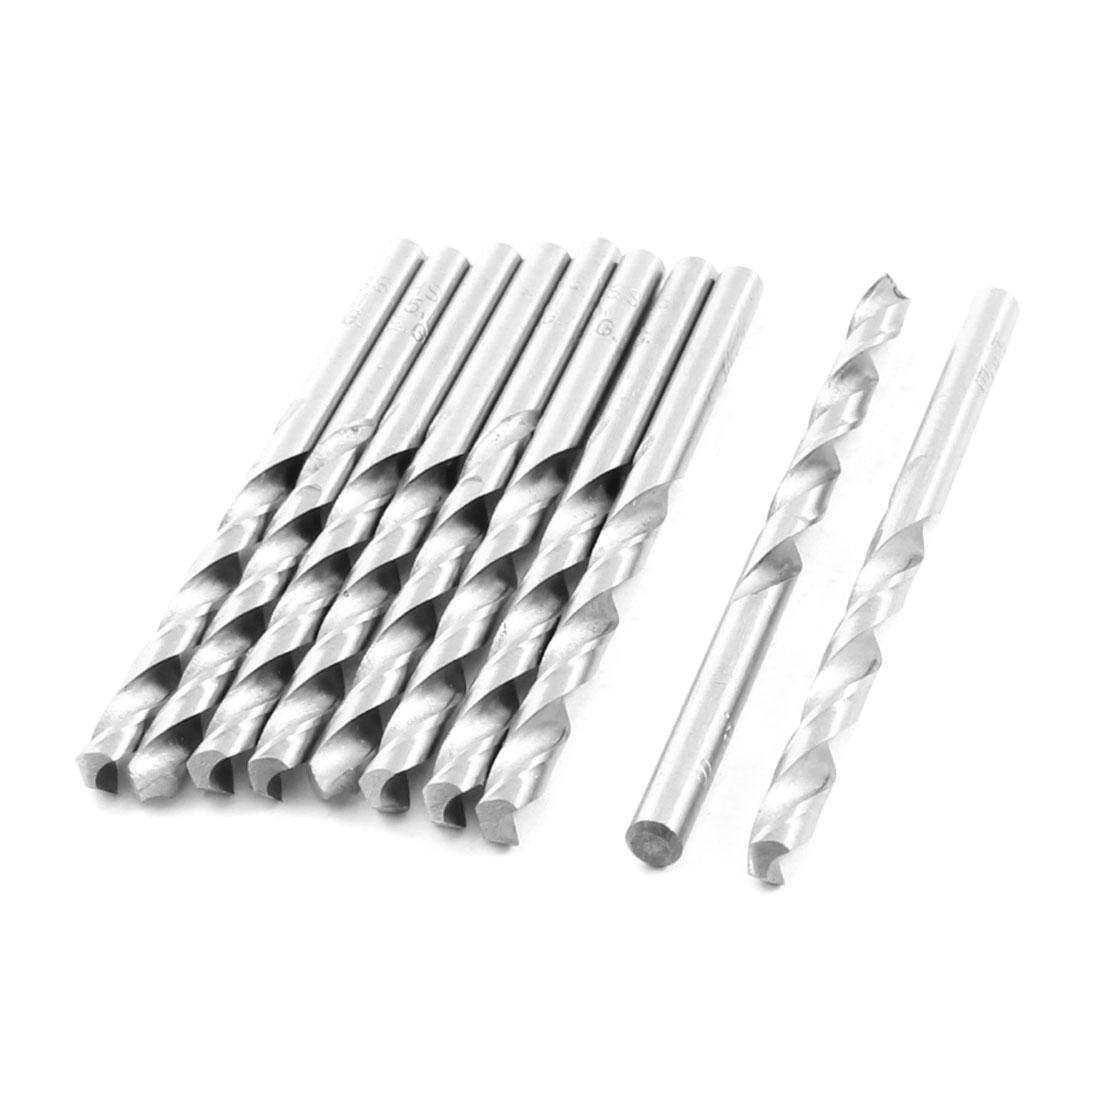 HSS Straight Shank 5.1mm Twist Head 83mm Long Drill Bit Silver Tone 10PCS